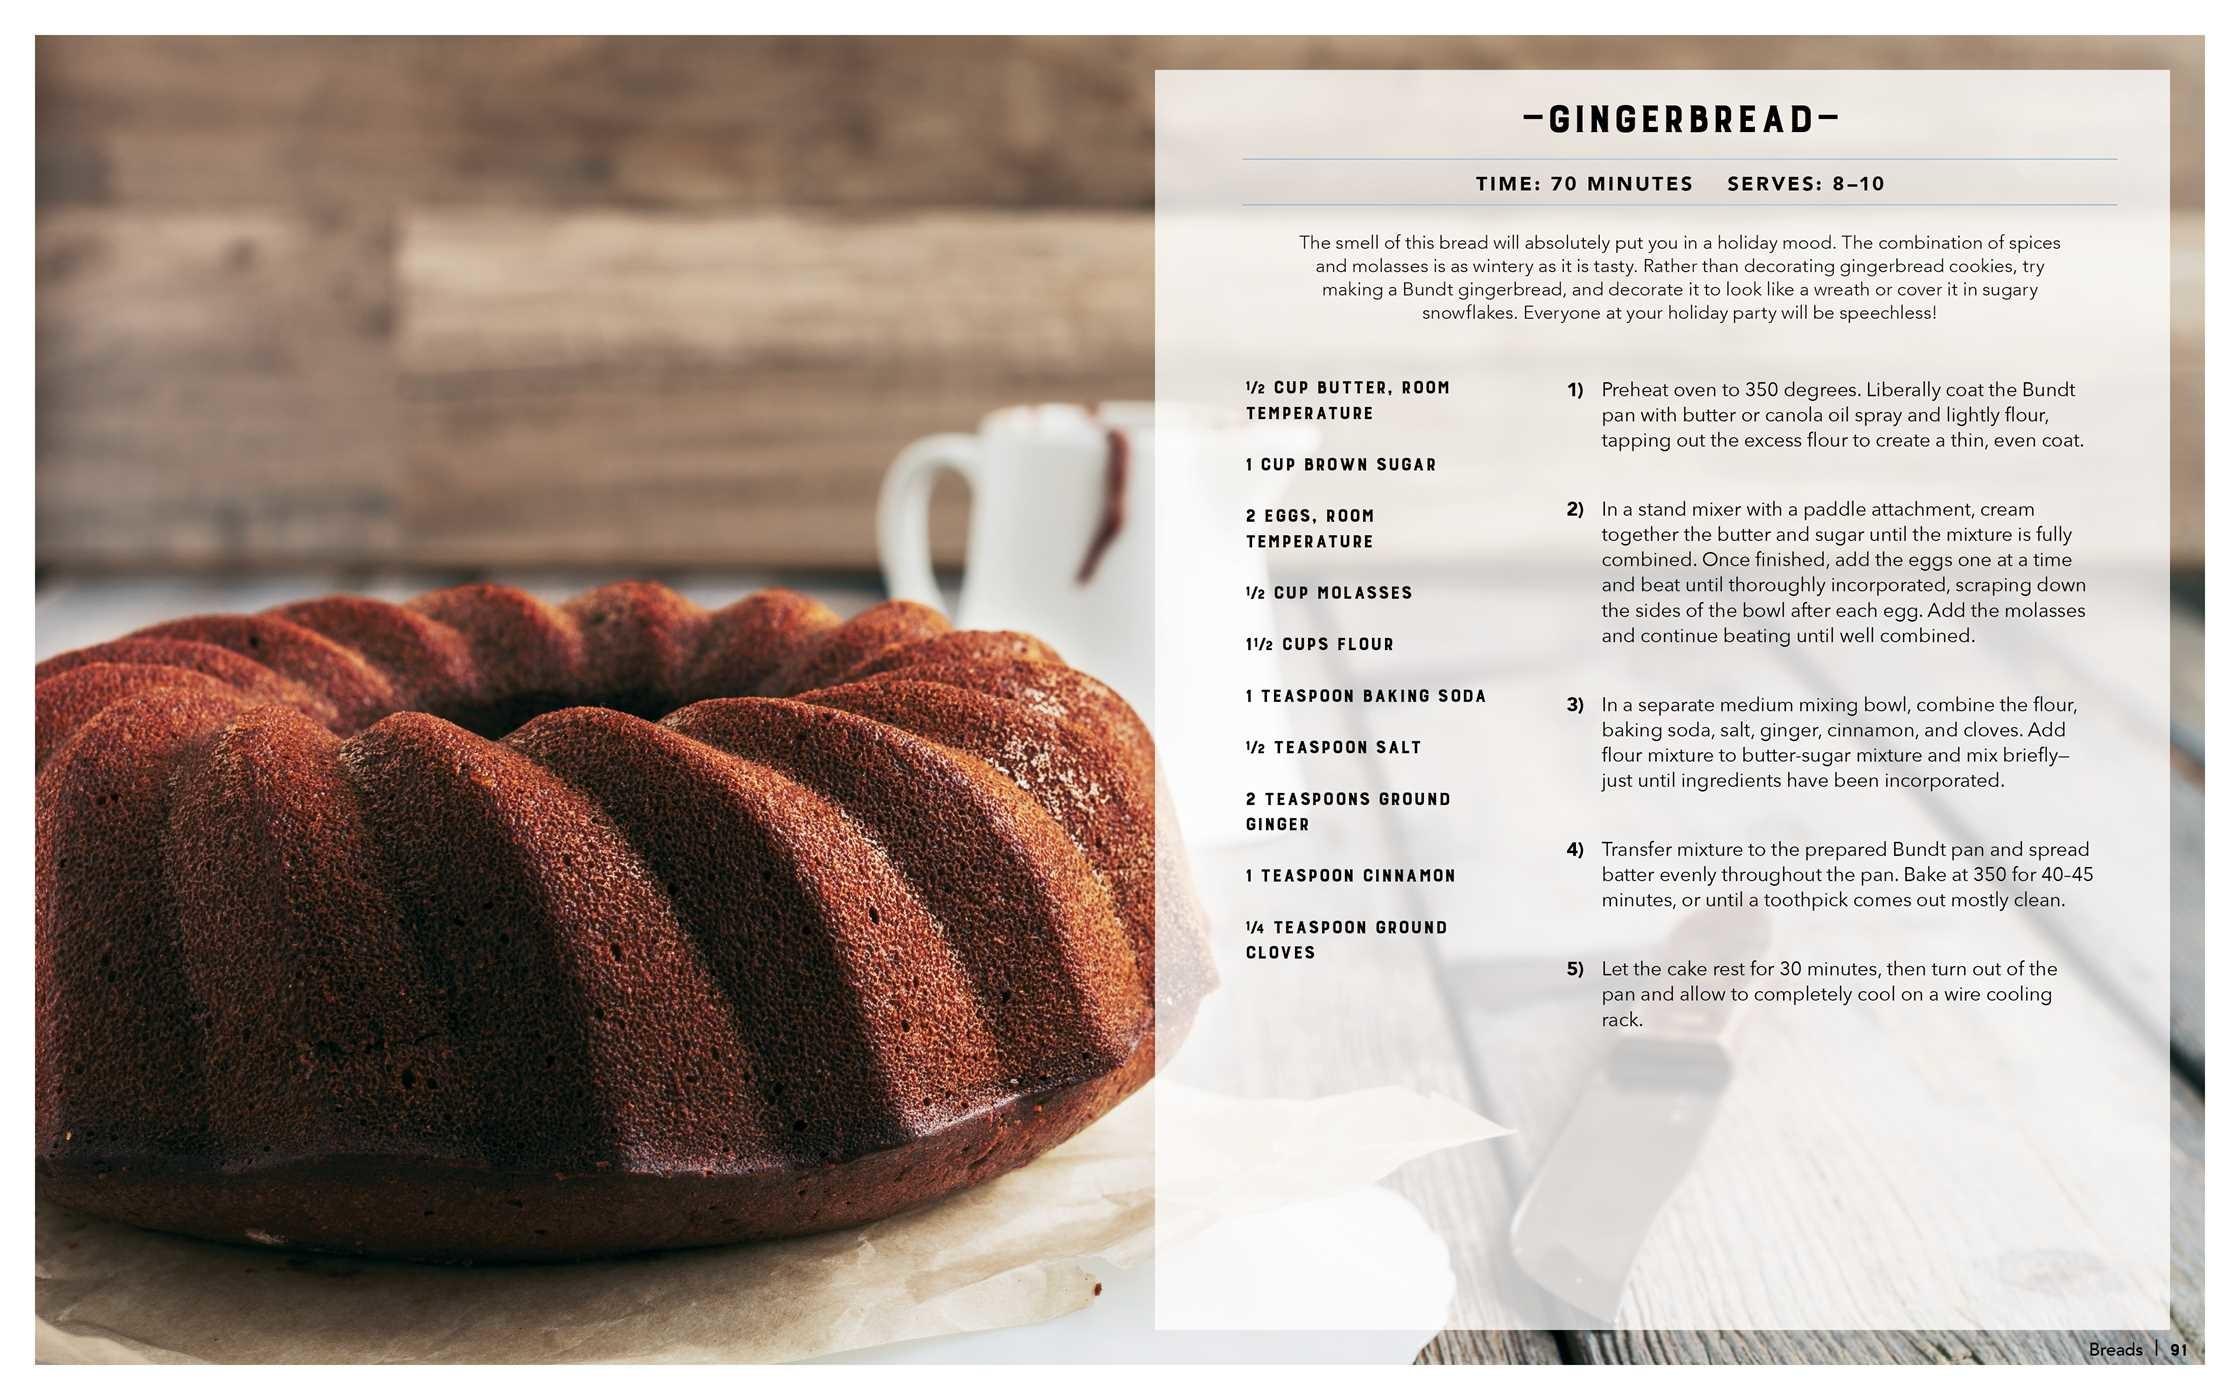 The new bundt pan cookbook 9781604337402.in04